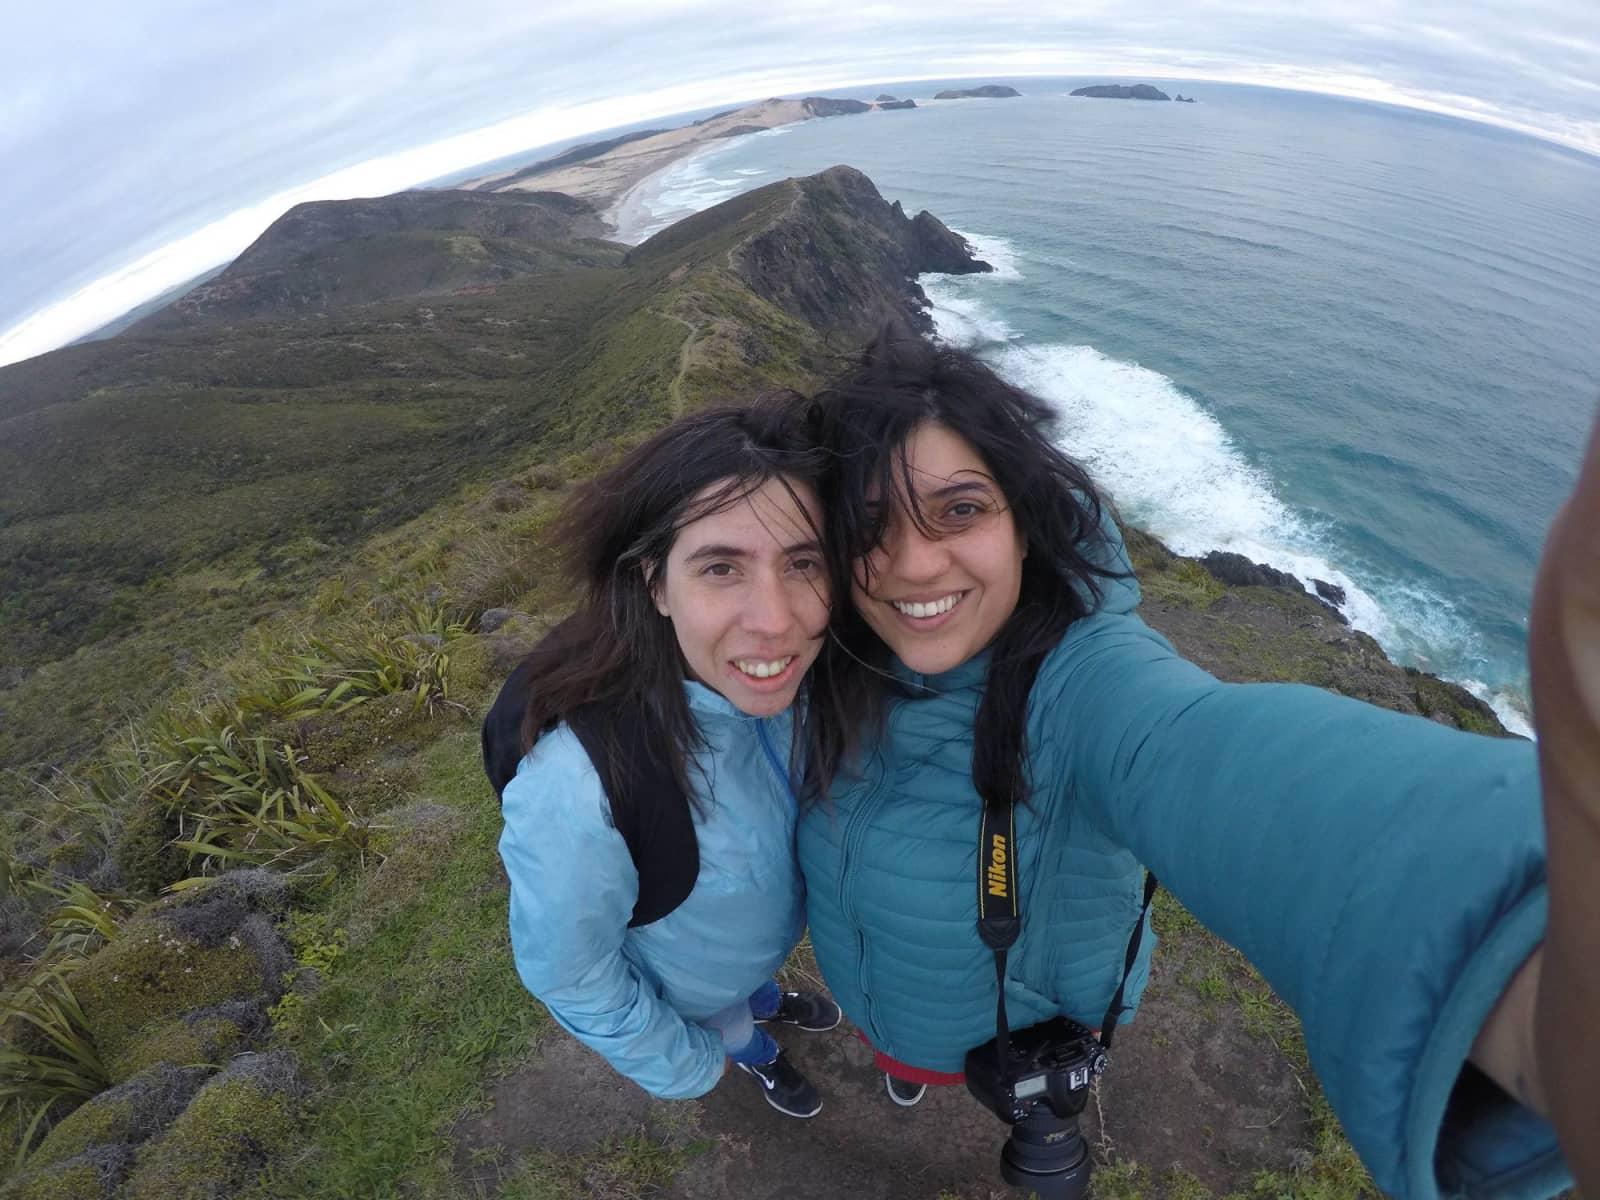 Vanessa & Maria alejandra from Auckland, New Zealand